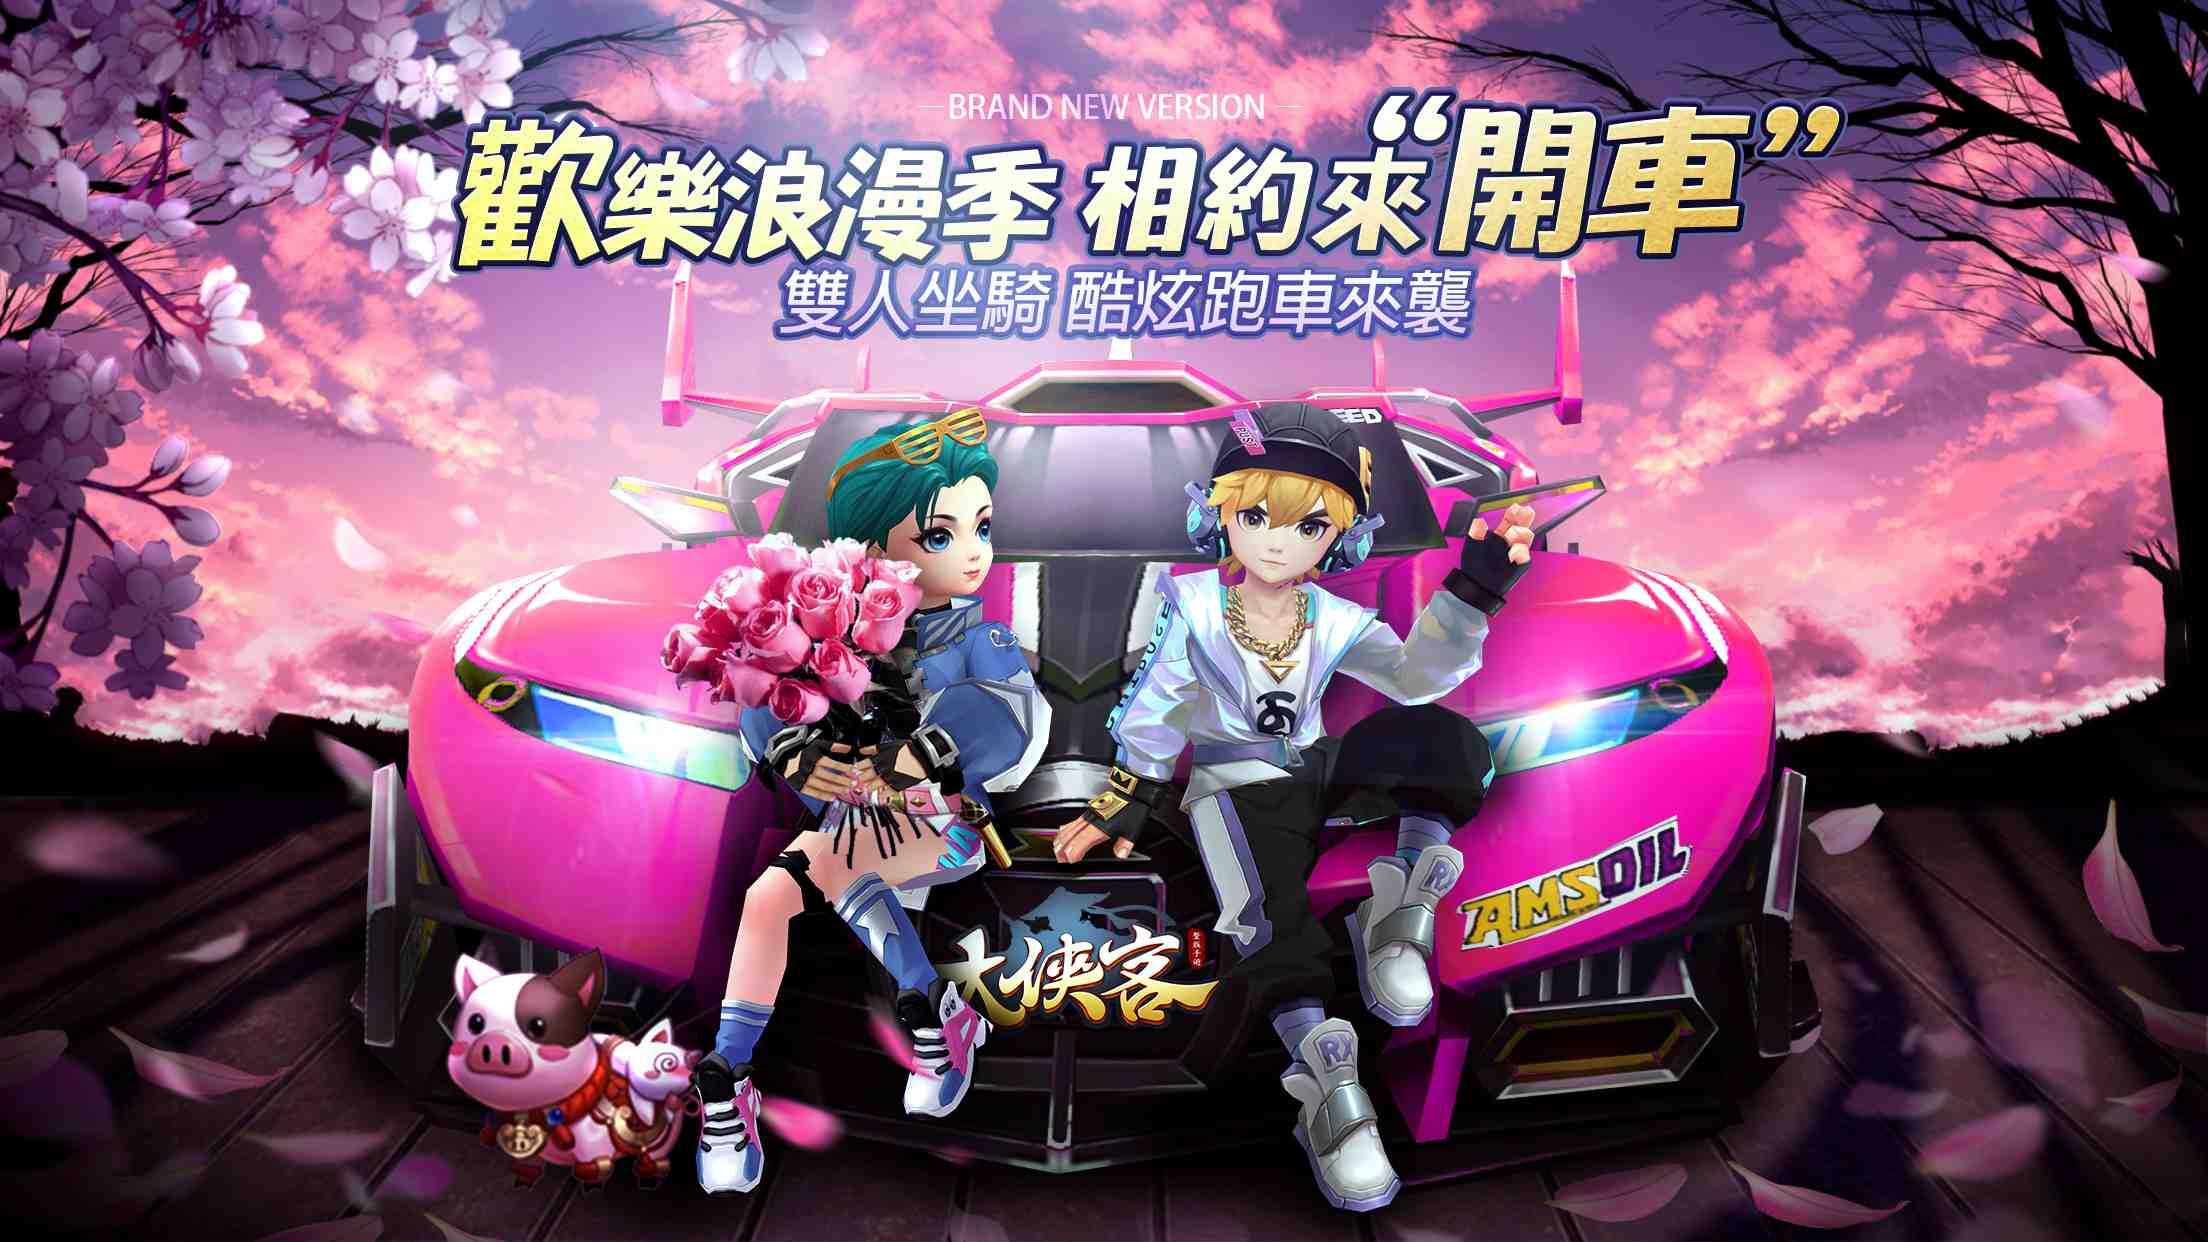 3D武俠MMO《大俠客》推出雙人坐騎酷炫跑車版本 開放老玩家召回系列活動